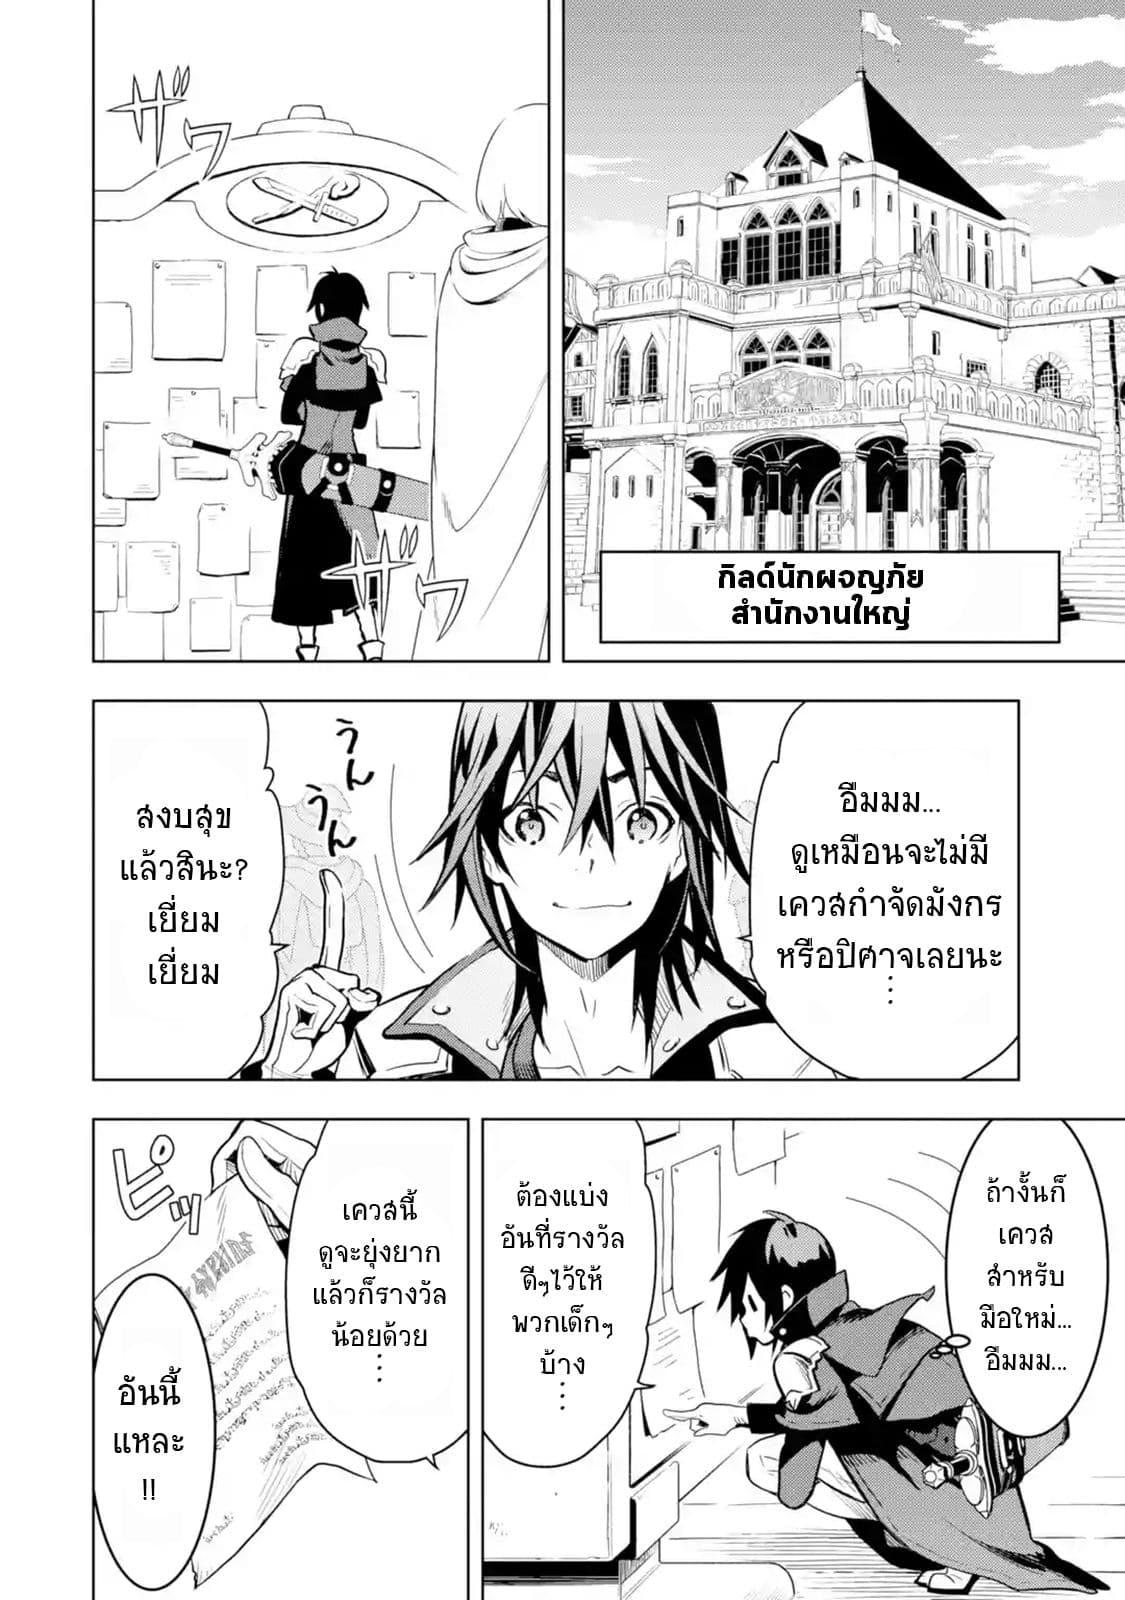 อ่านการ์ตูน Koko wa Ore ni Makasete Saki ni Ike to Itte kara 10 Nen ga Tattara Densetsu ni Natteita ตอนที่ 2 หน้าที่ 11